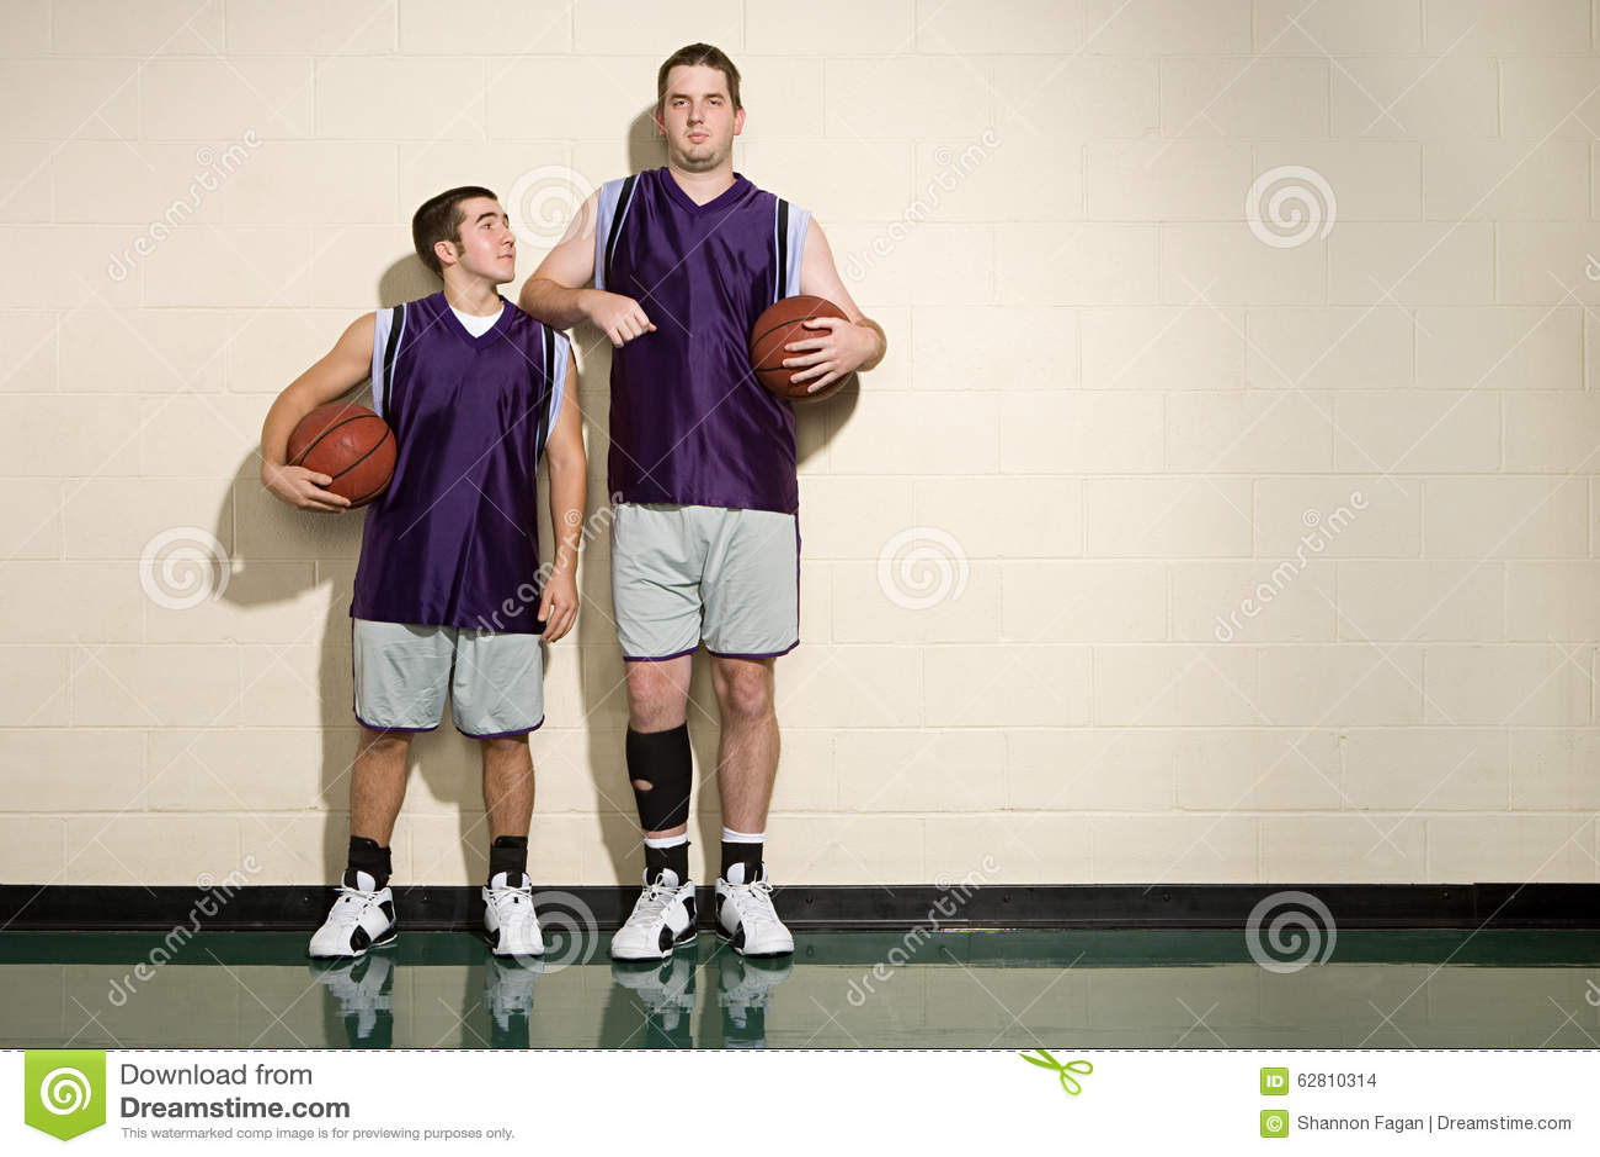 Högväxta och korta basketspelare